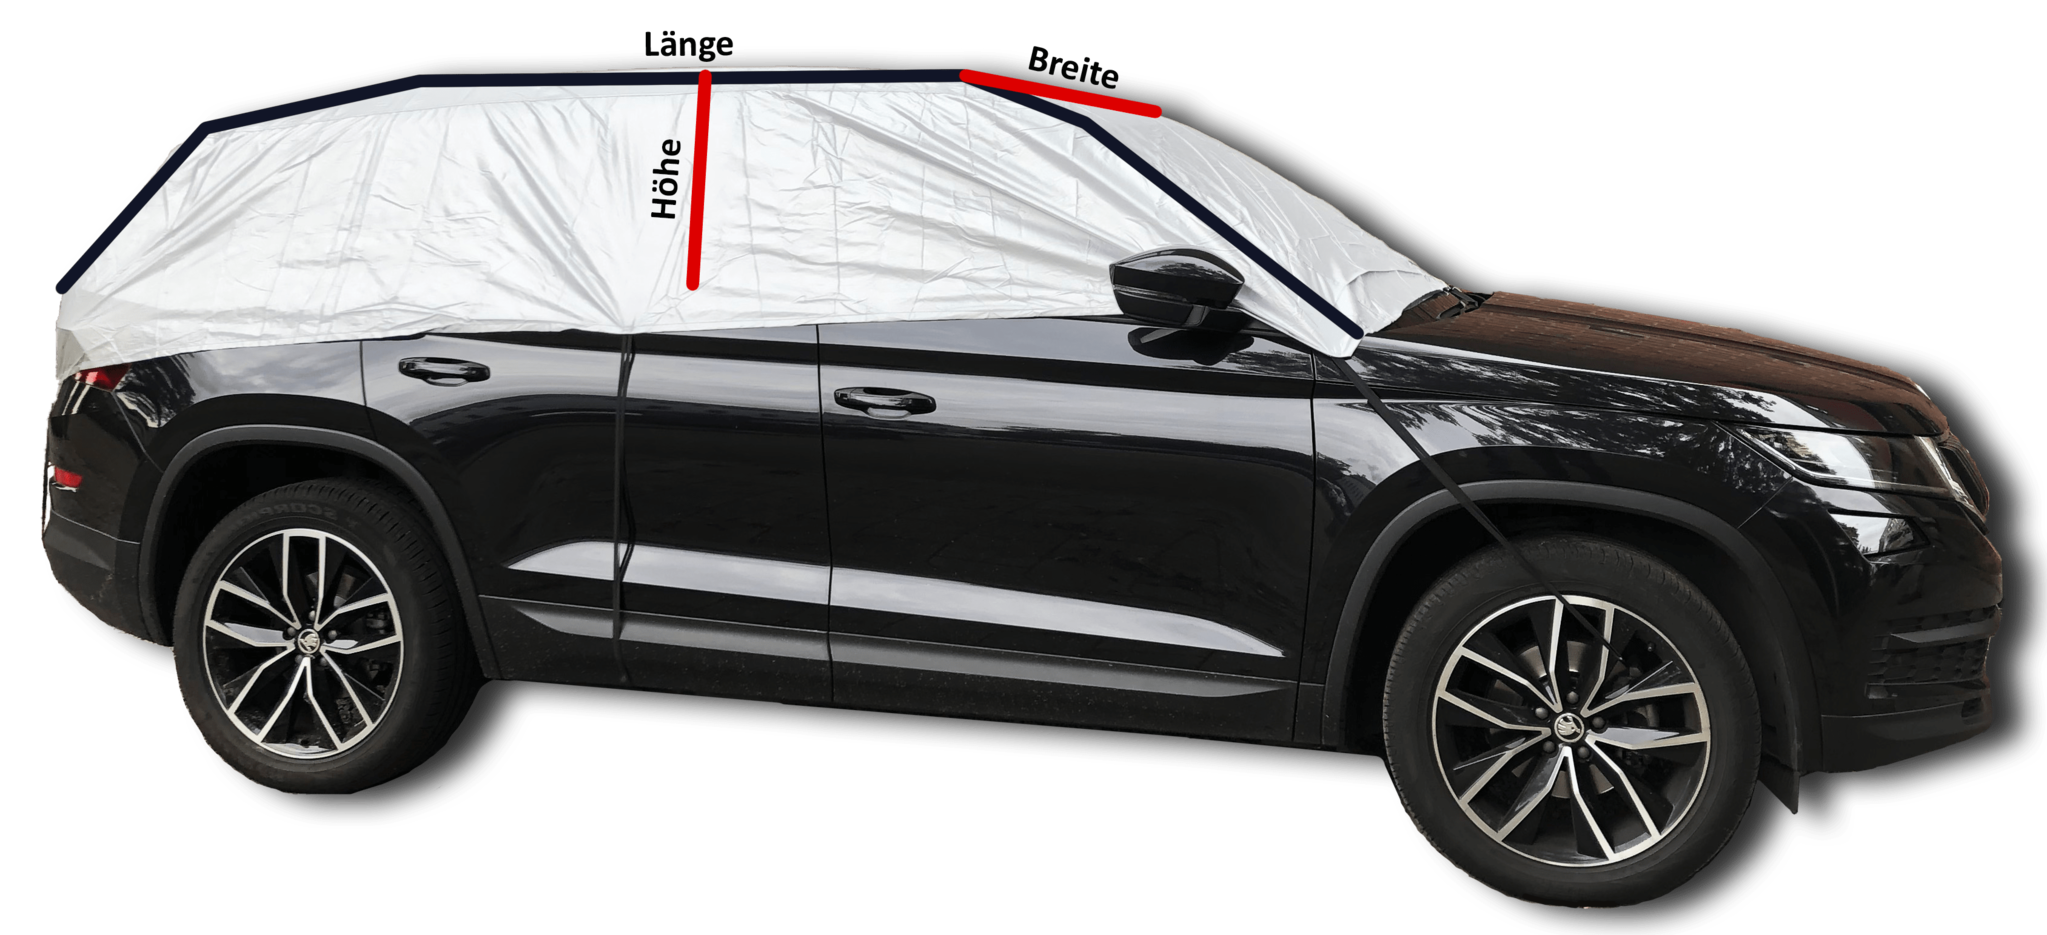 SUV abdeckung halbgarage besteht aus 100% Polyester und enthält eine wasserabweisende Schutzschicht